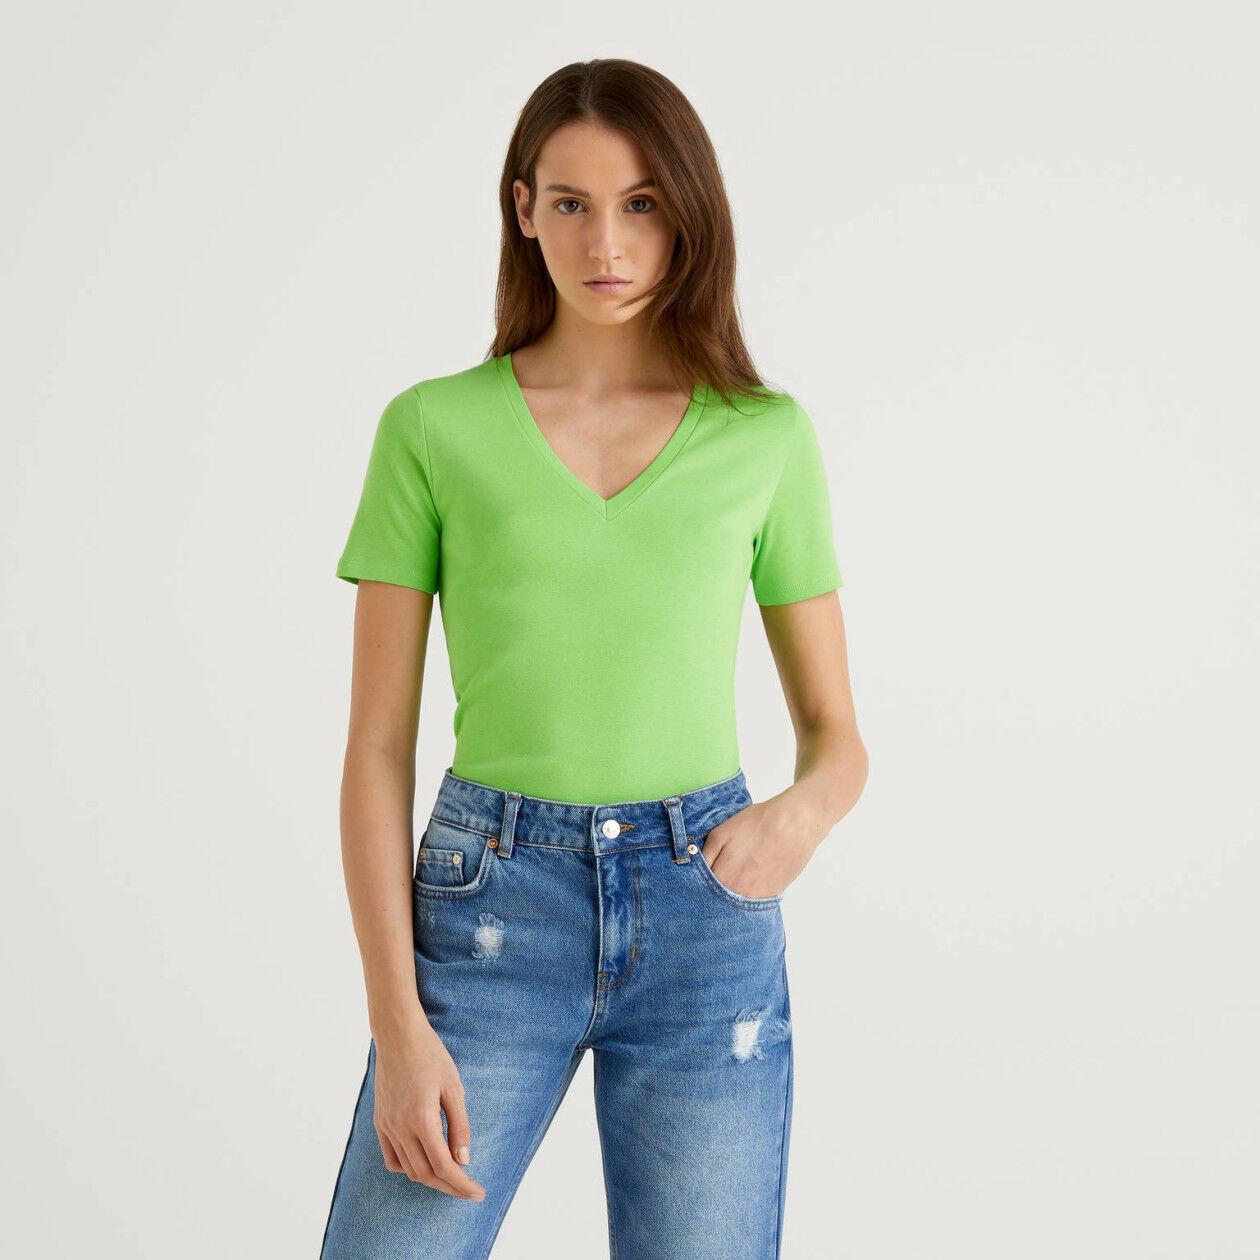 T-shirt από αγνό βαμβακερό με V λαιμόκοψη